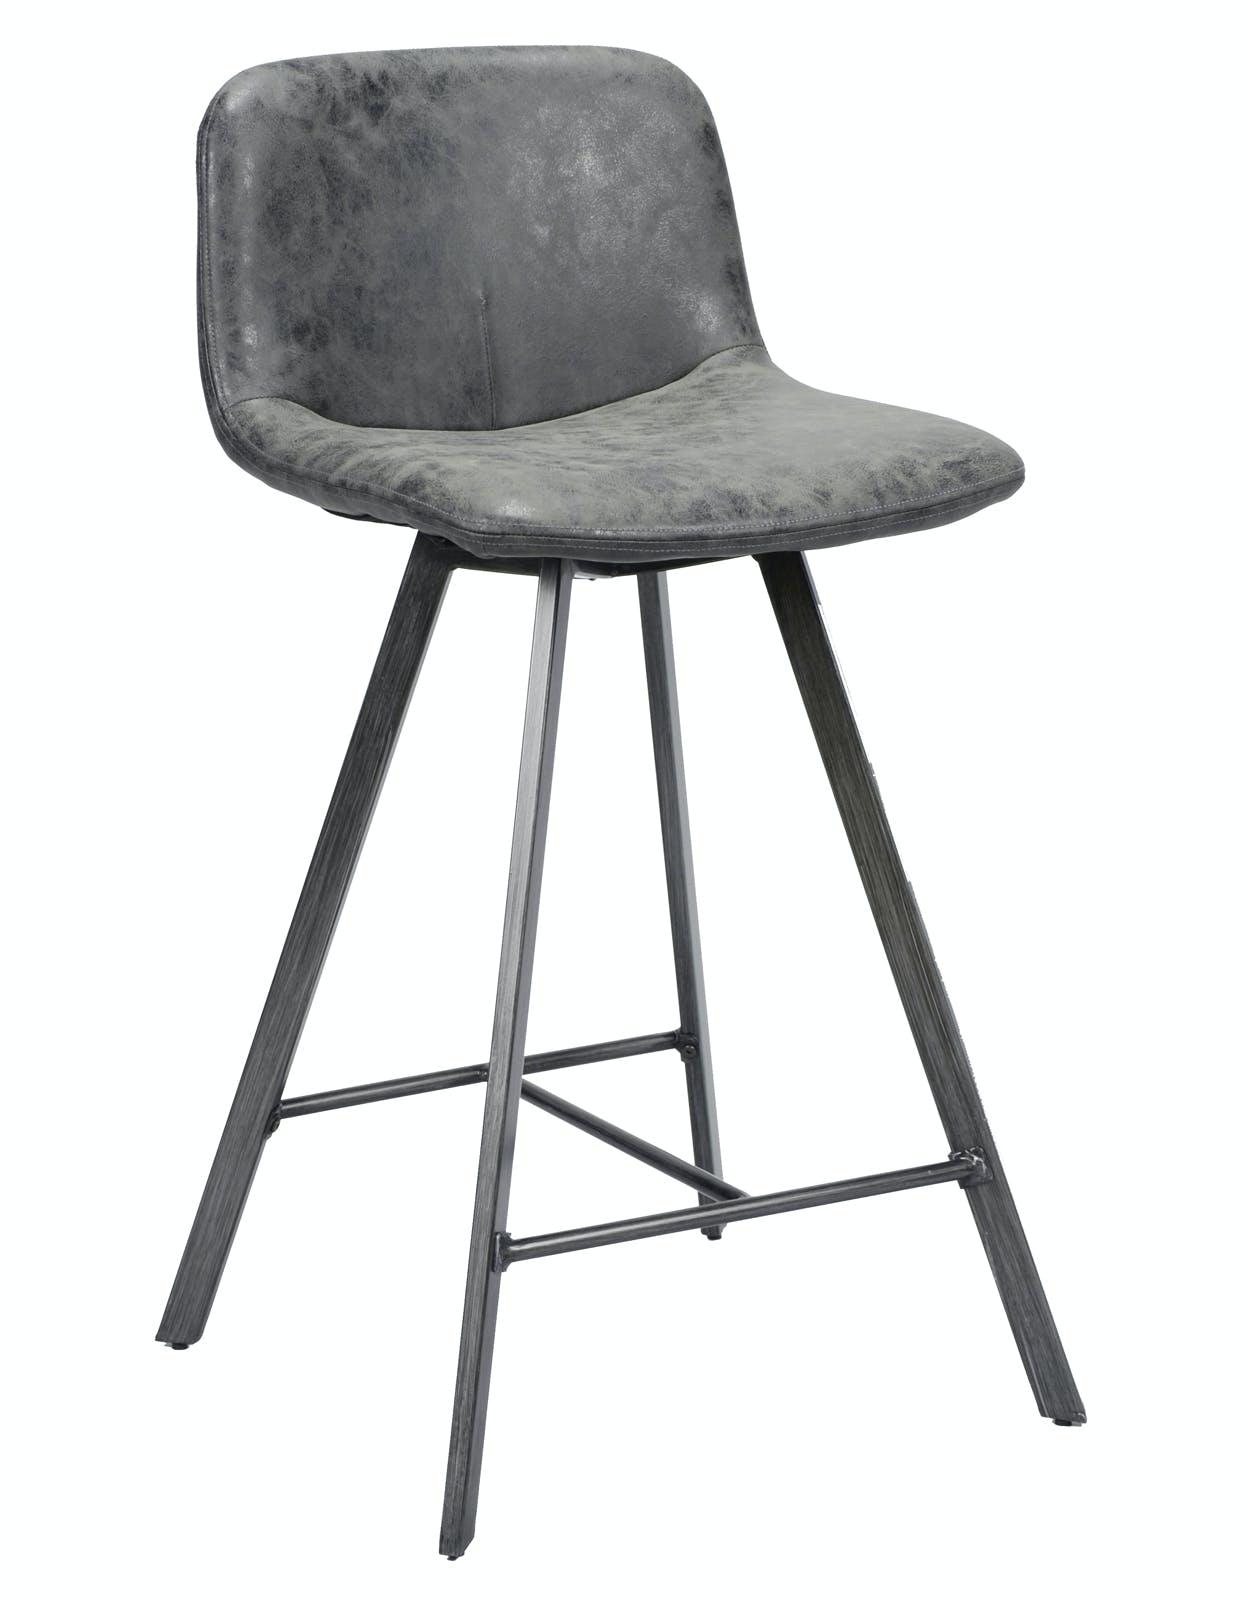 Tabouret de bar noir patiné métal JAVA